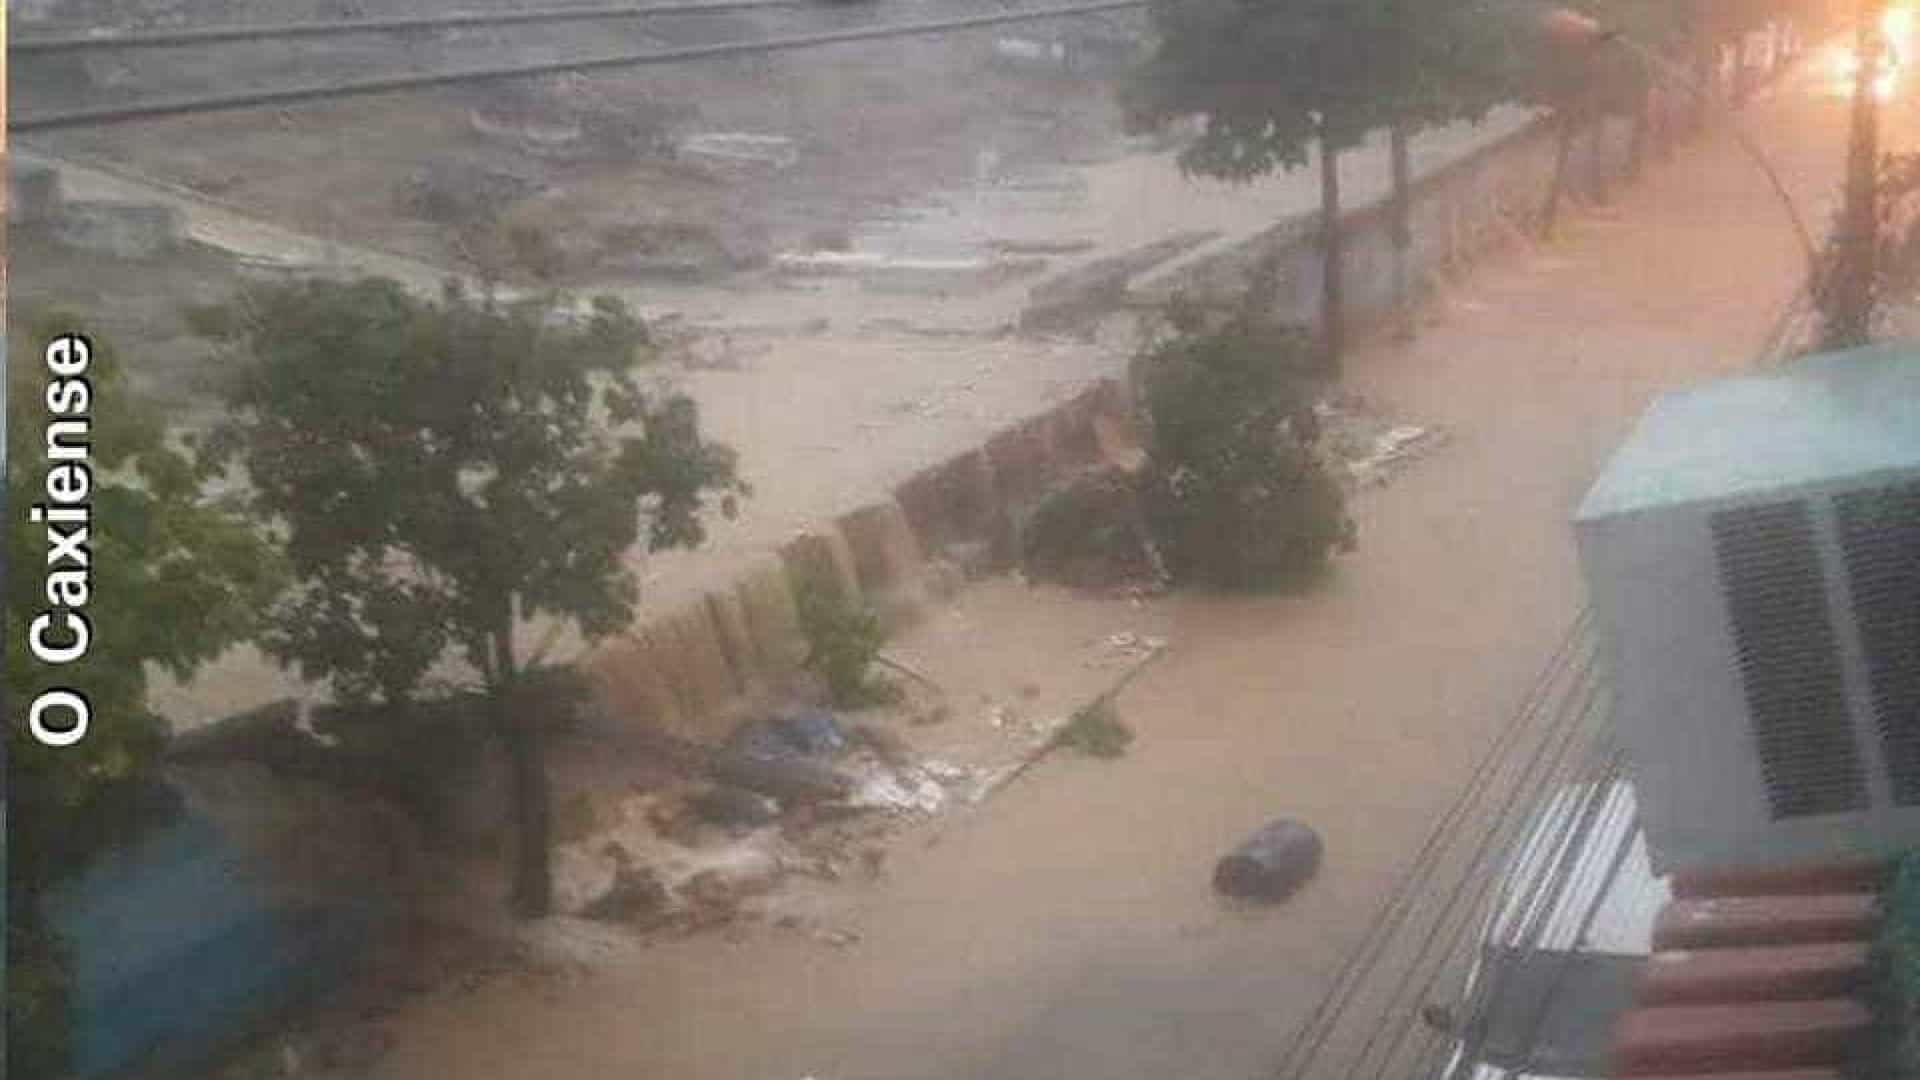 Chuva inunda cemitério e espalha ossadas por rua no Rio de Janeiro